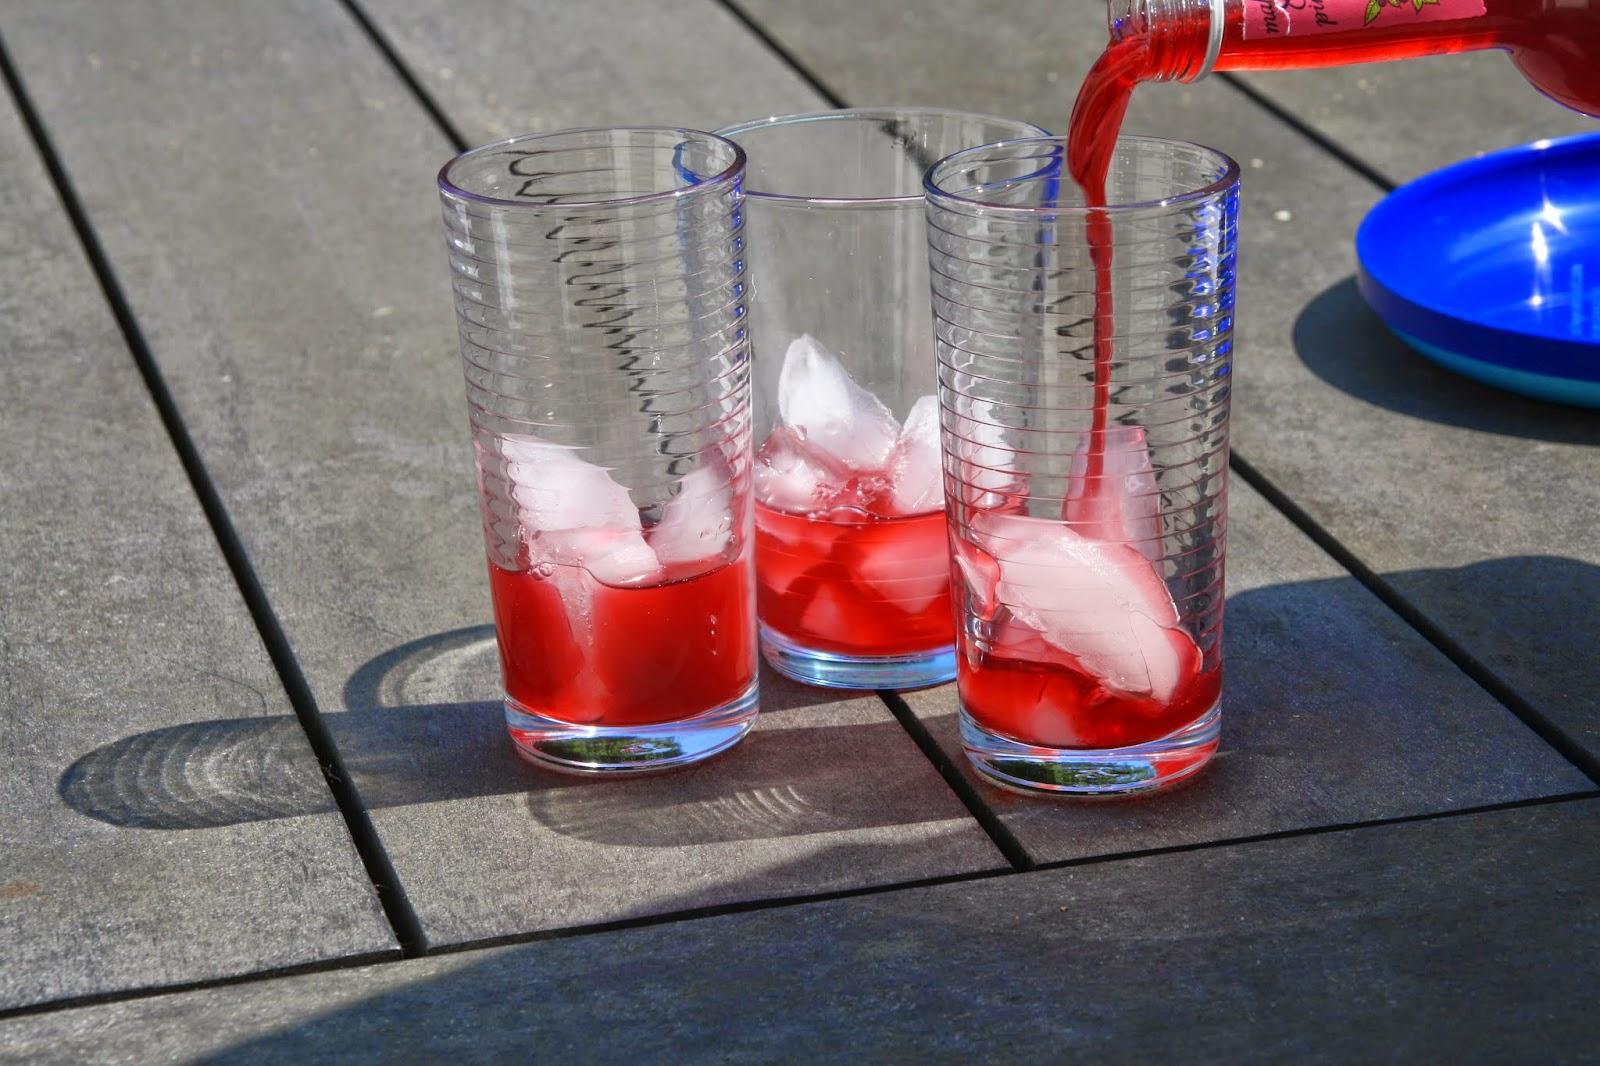 water met citroensap uit flesje